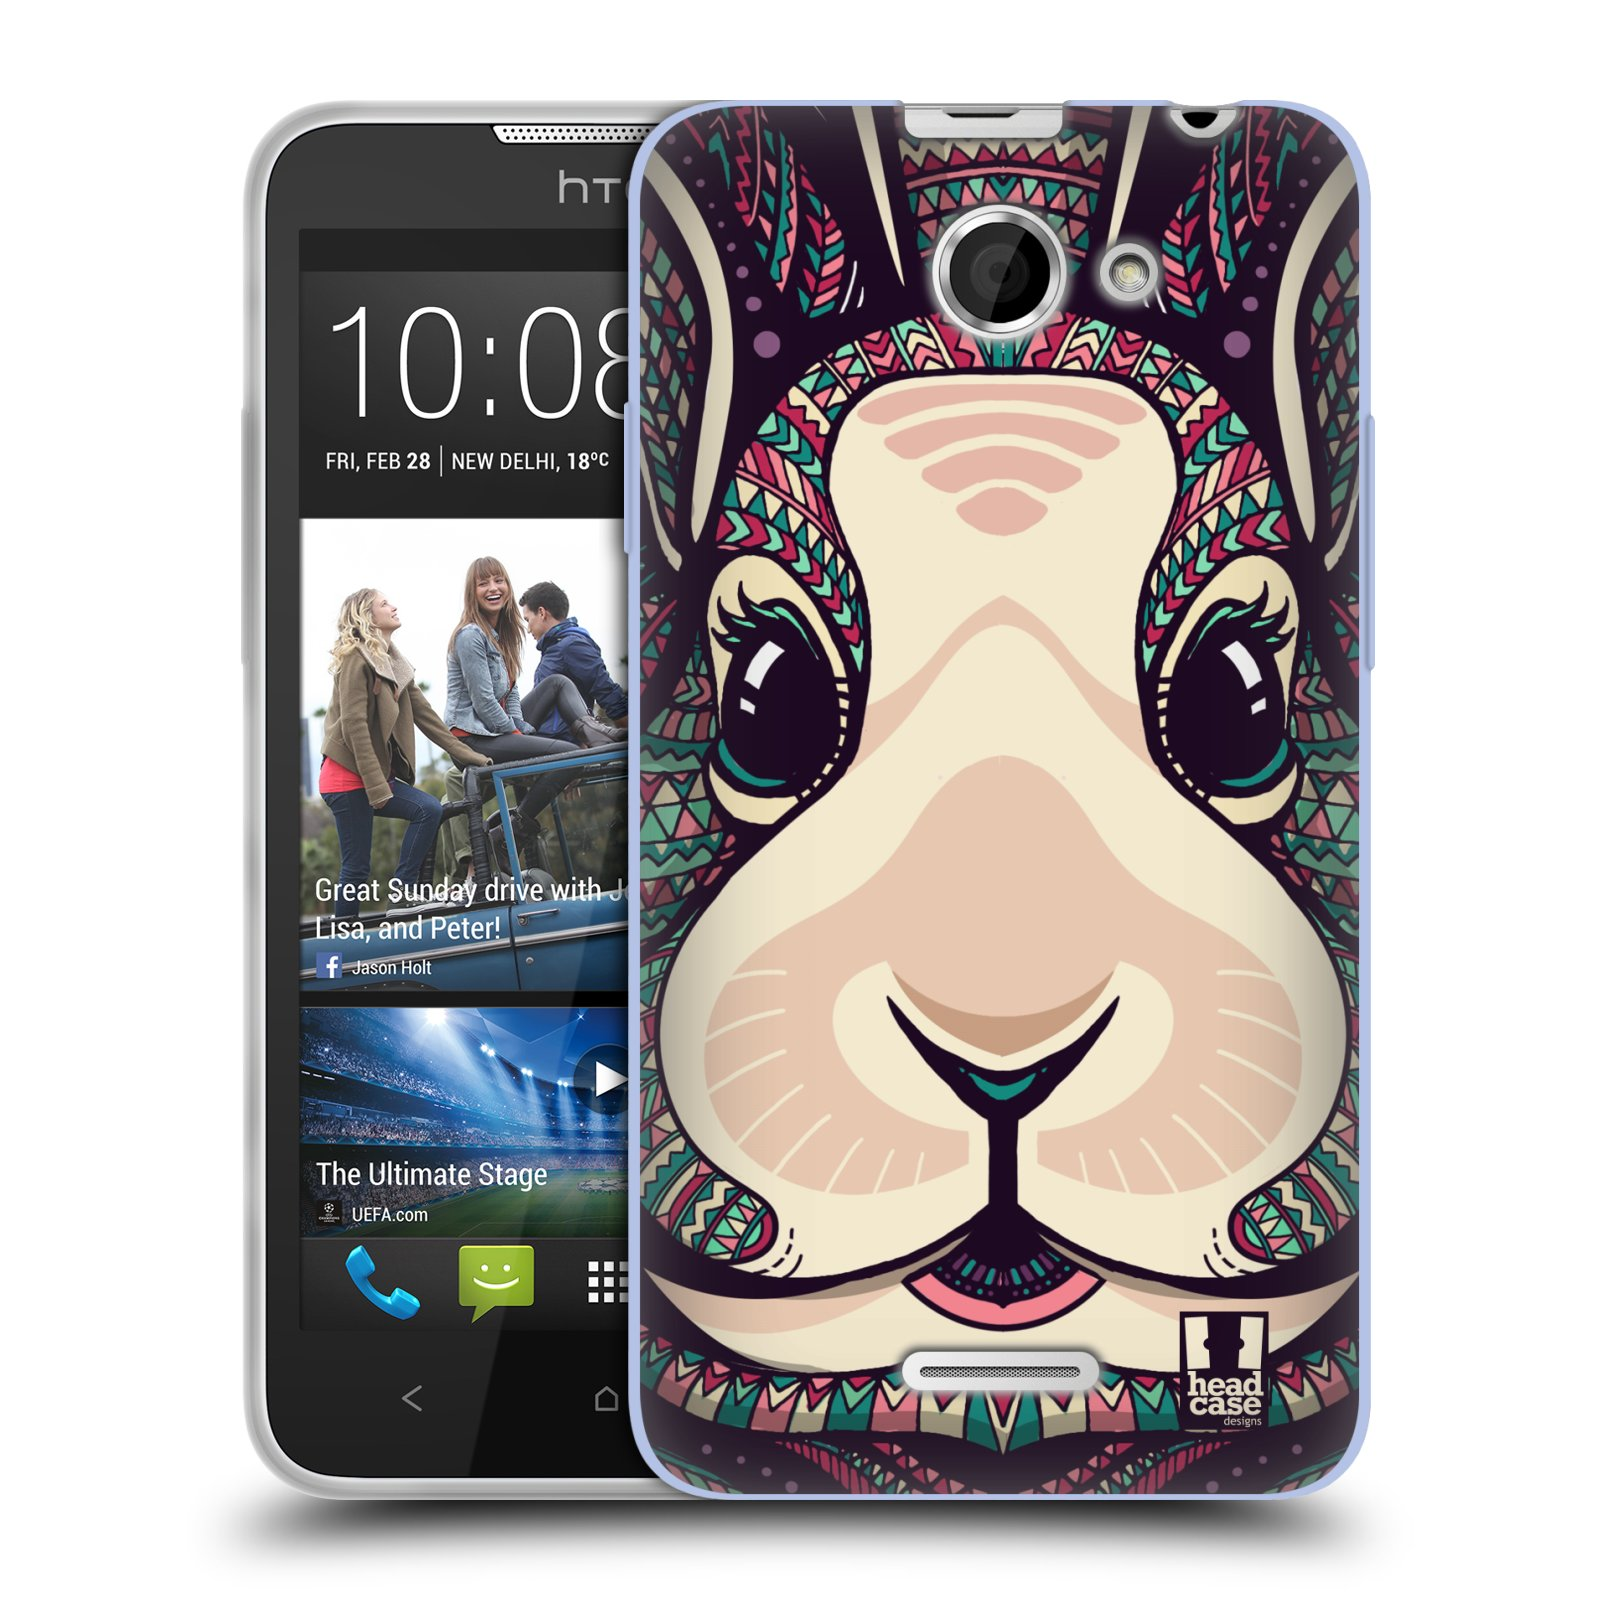 Silikonové pouzdro na mobil HTC Desire 516 HEAD CASE AZTEC ZAJÍČEK (Silikonový kryt či obal na mobilní telefon HTC Desire 516 Dual SIM)